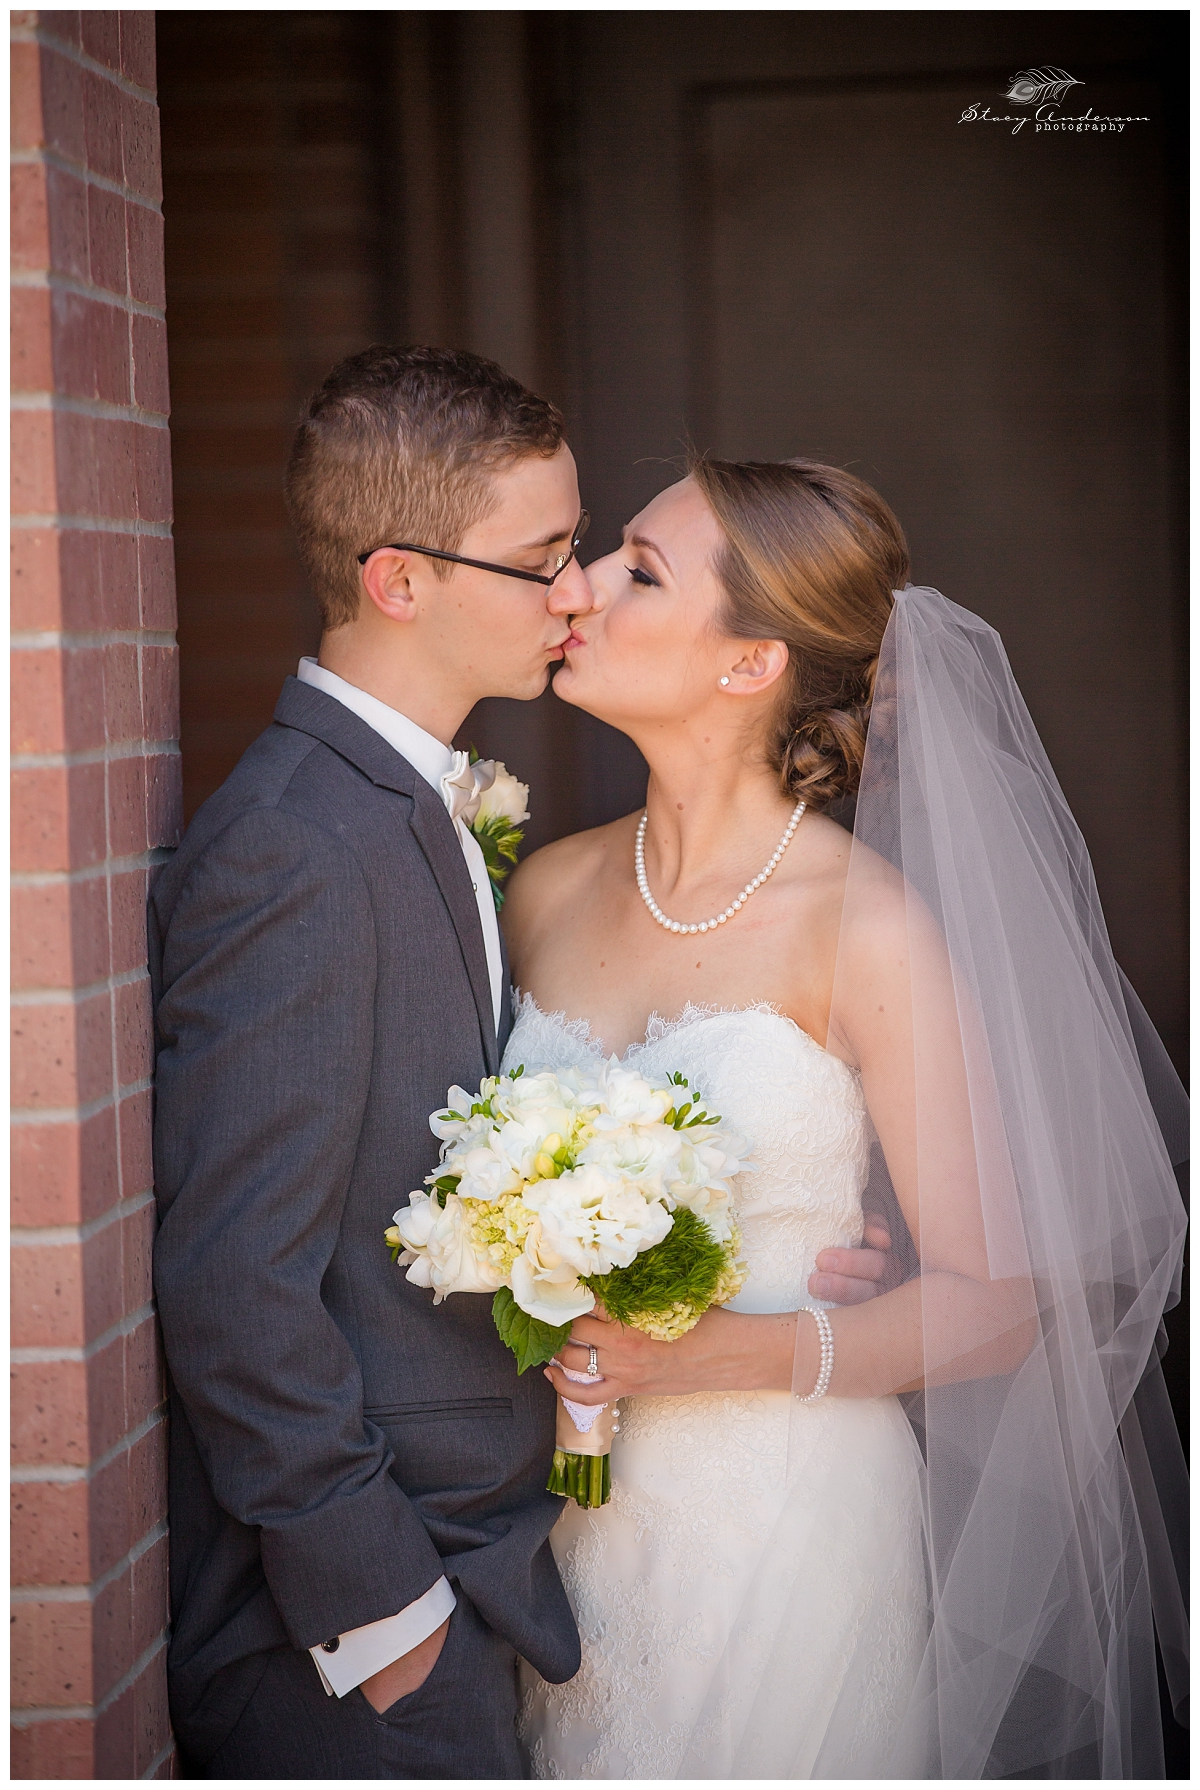 Chelsea & Zach Wedding (25)